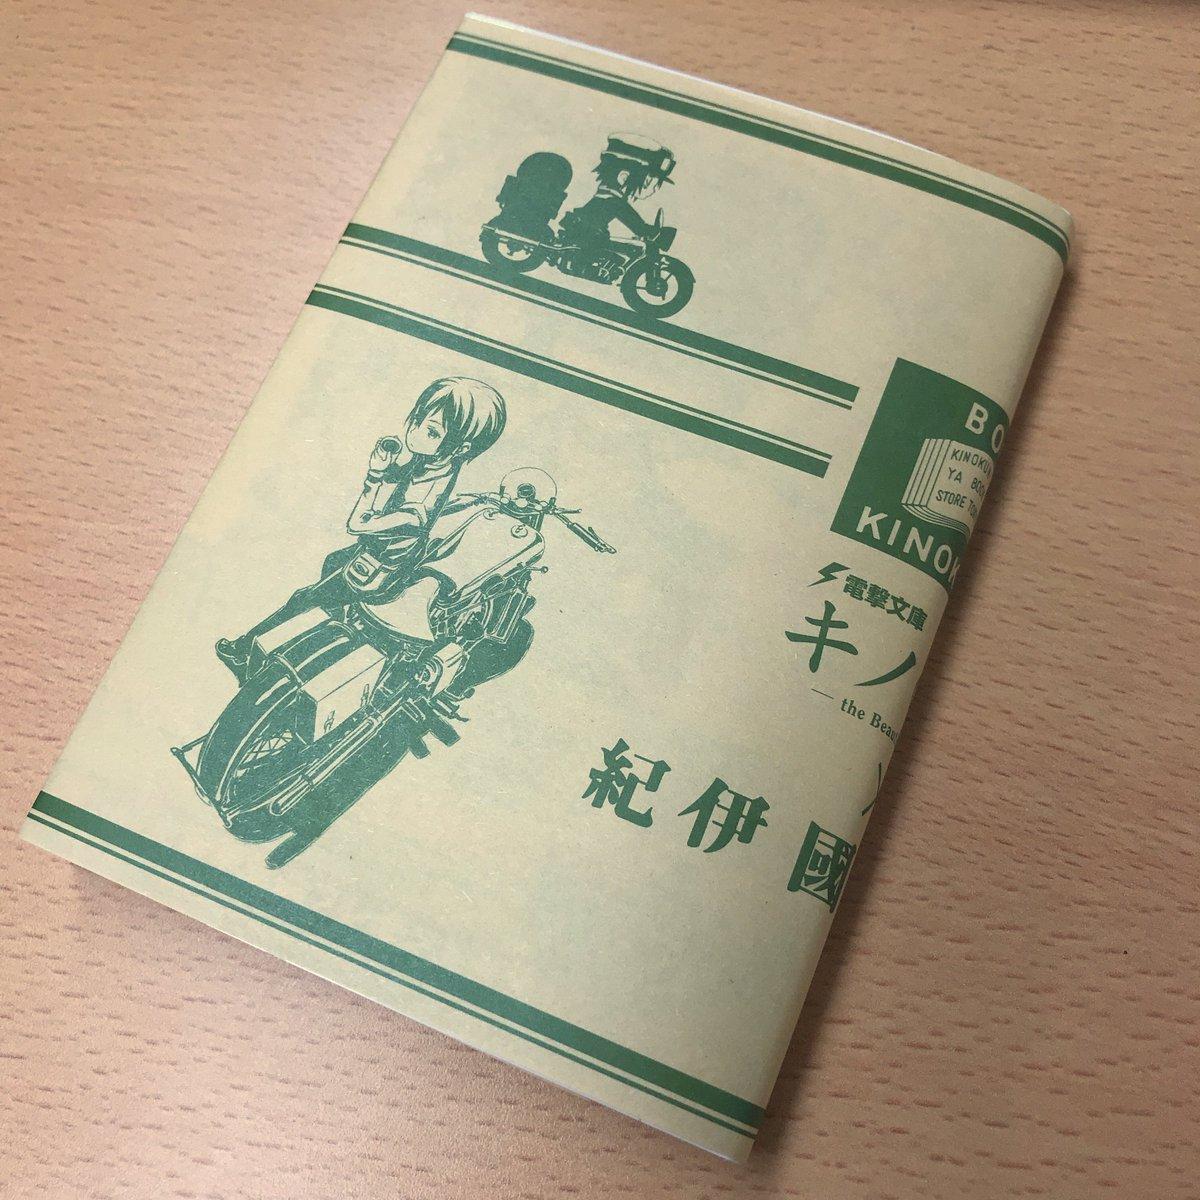 紀伊國屋書店で最新刊を買うともらえるブックカバーが面白くて、つい買ってしまった https://t.co/WaeVAOGmw2